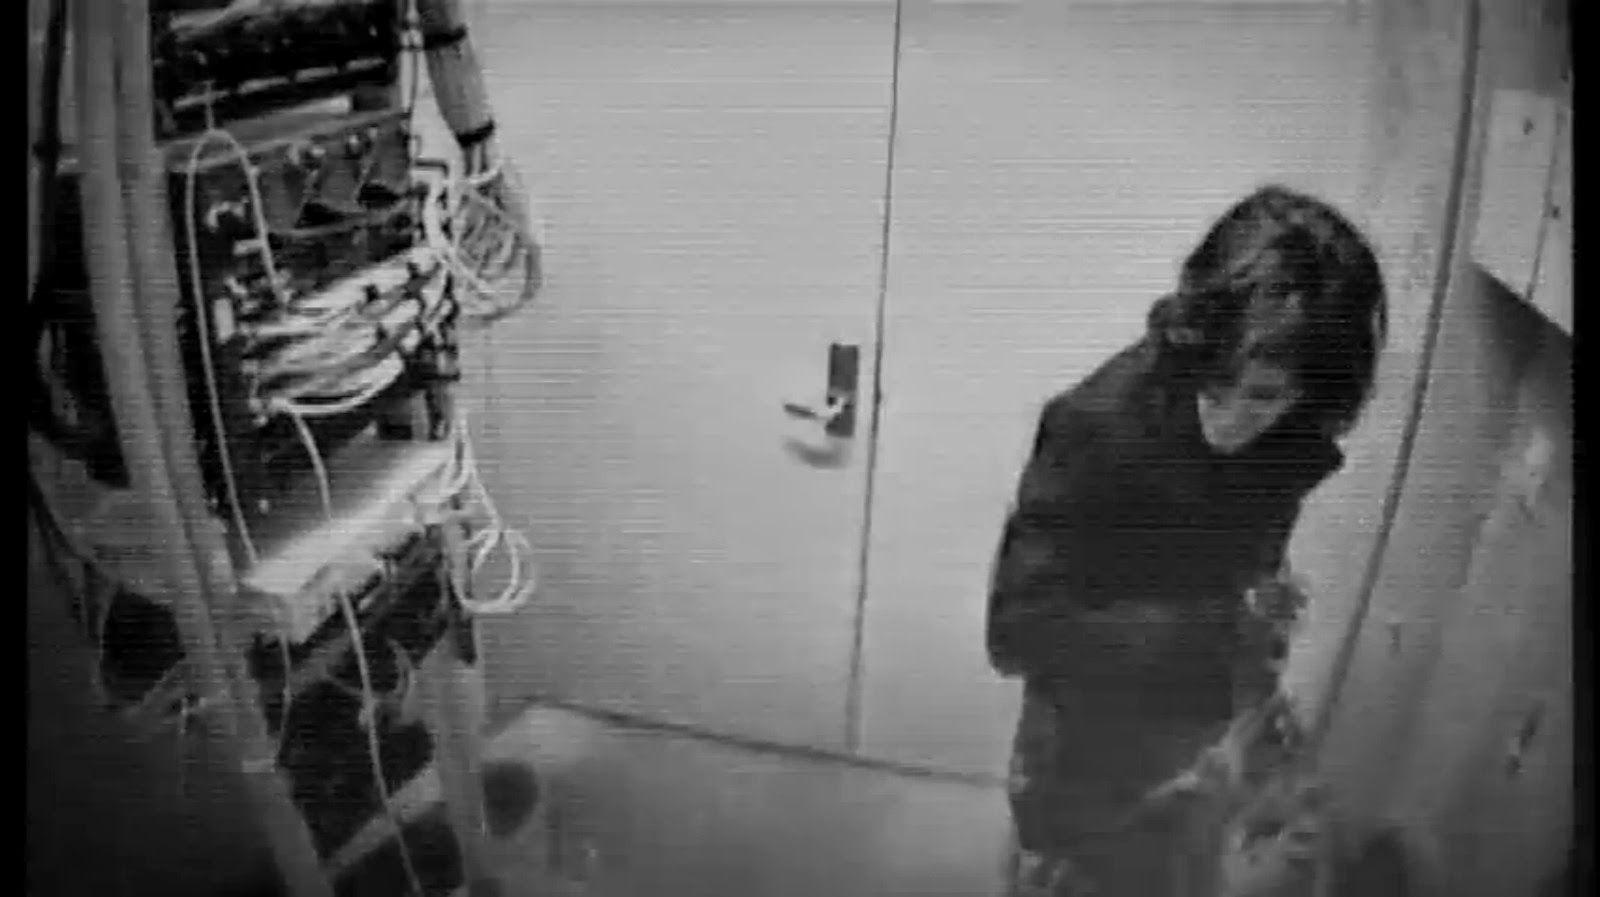 تصویری از آرون که در حال هک کردن سرور های دانشگاه بوده